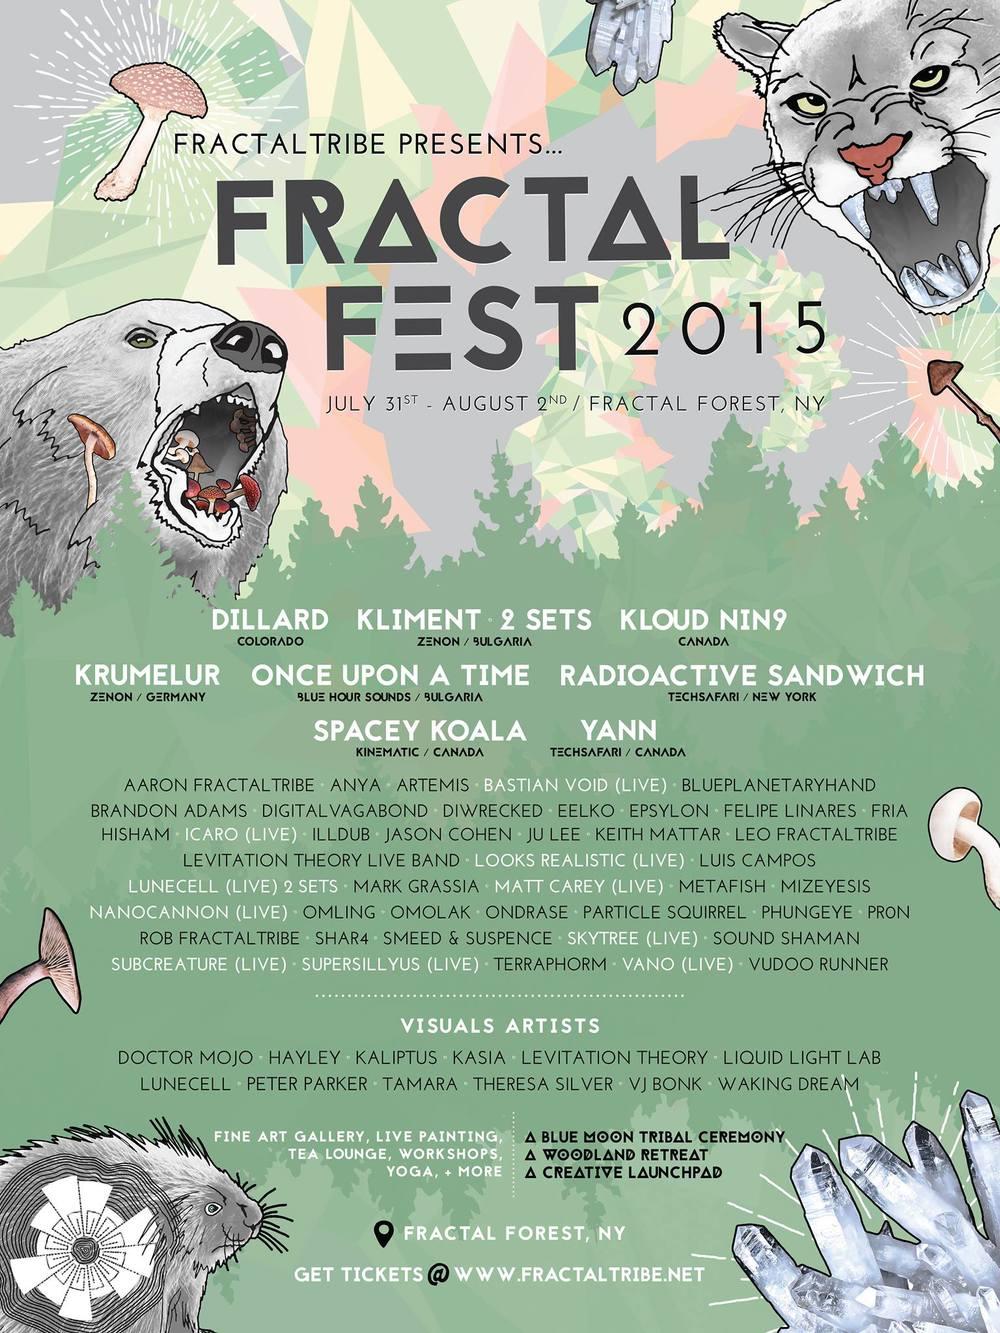 Fractal Fest flier